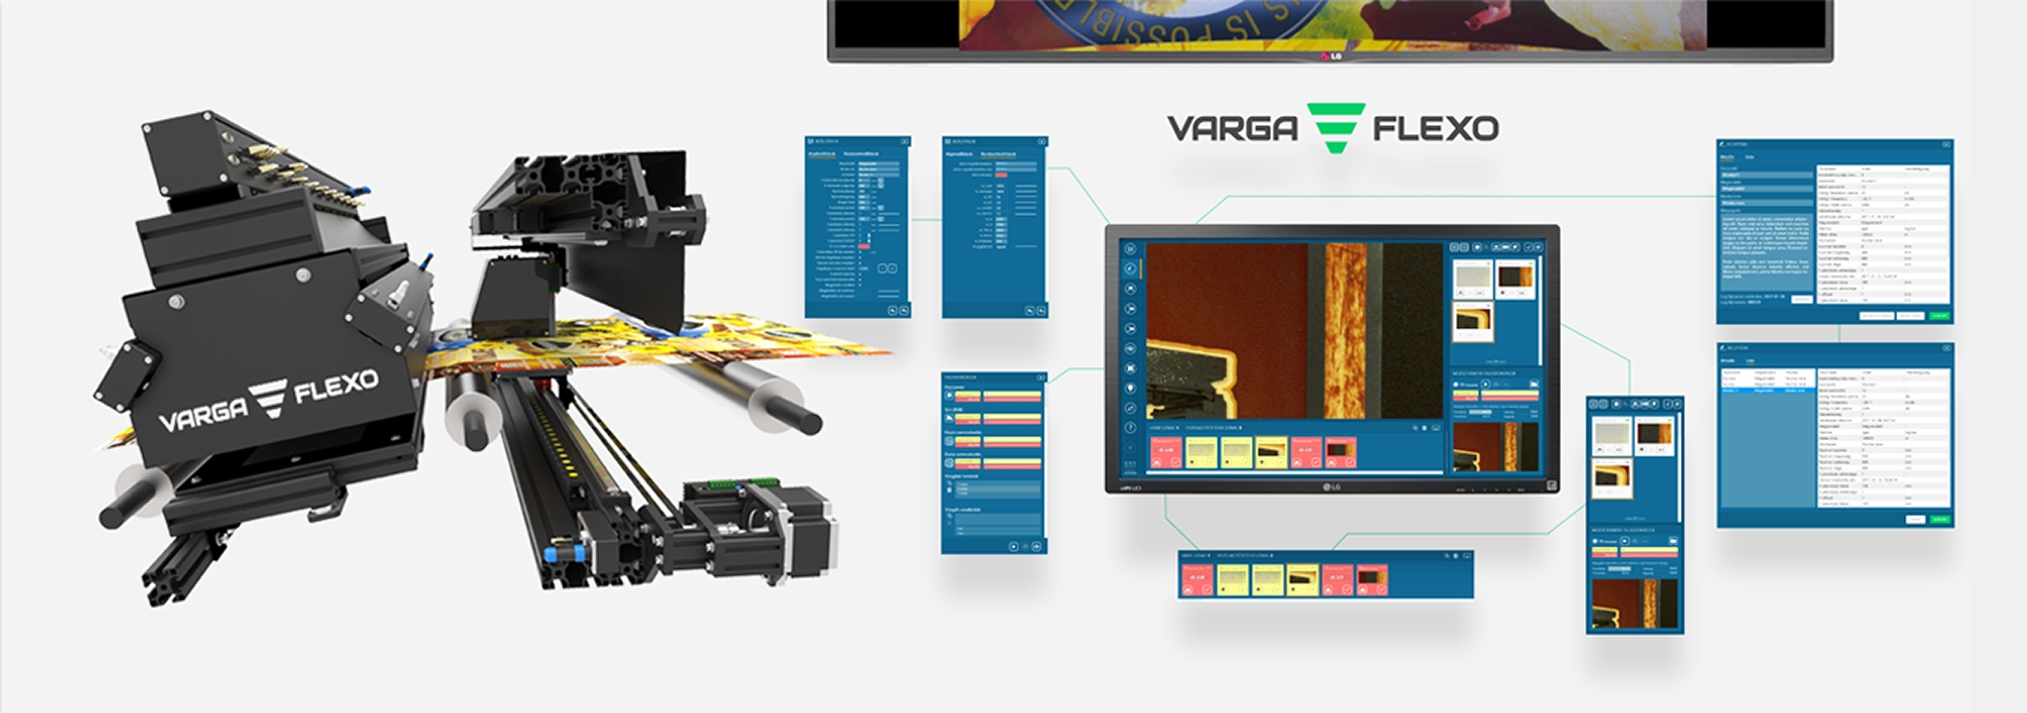 Flexonyomógépek, tekercsvágók, laminálók gyártása | Nyomatellenőrző rendszer